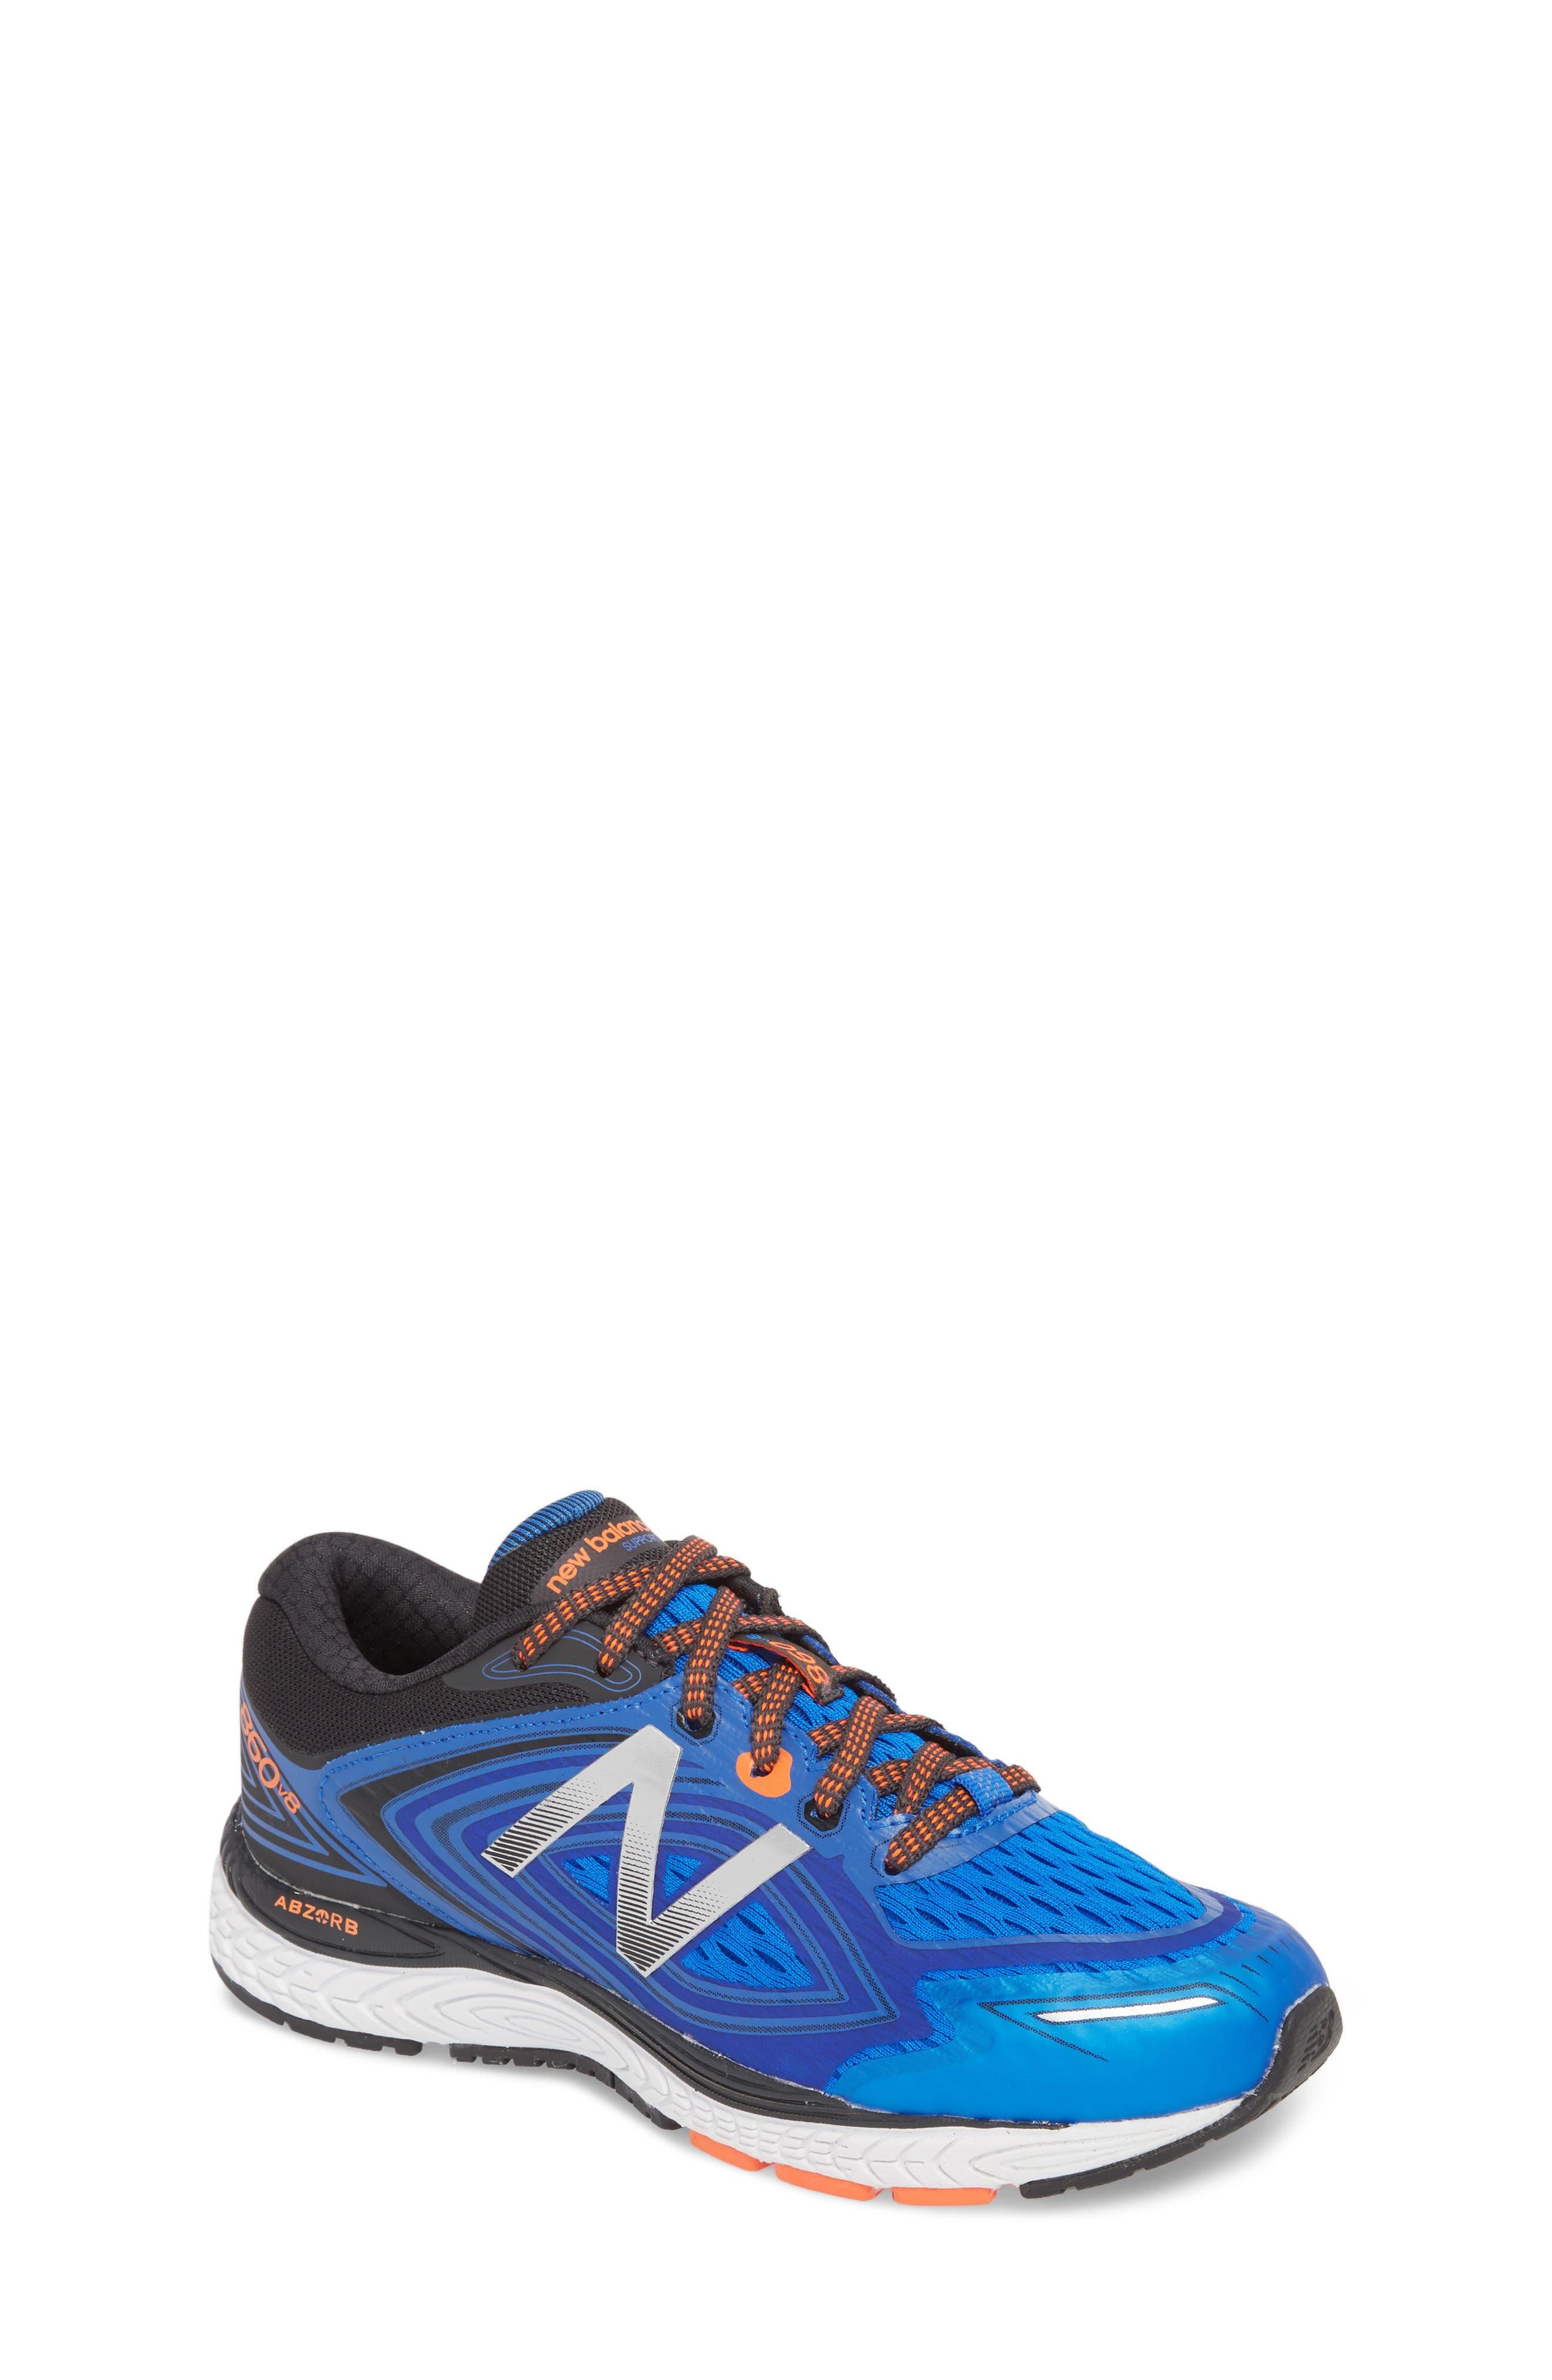 860v8 Sneaker,                             Main thumbnail 1, color,                             Navy/ Grey